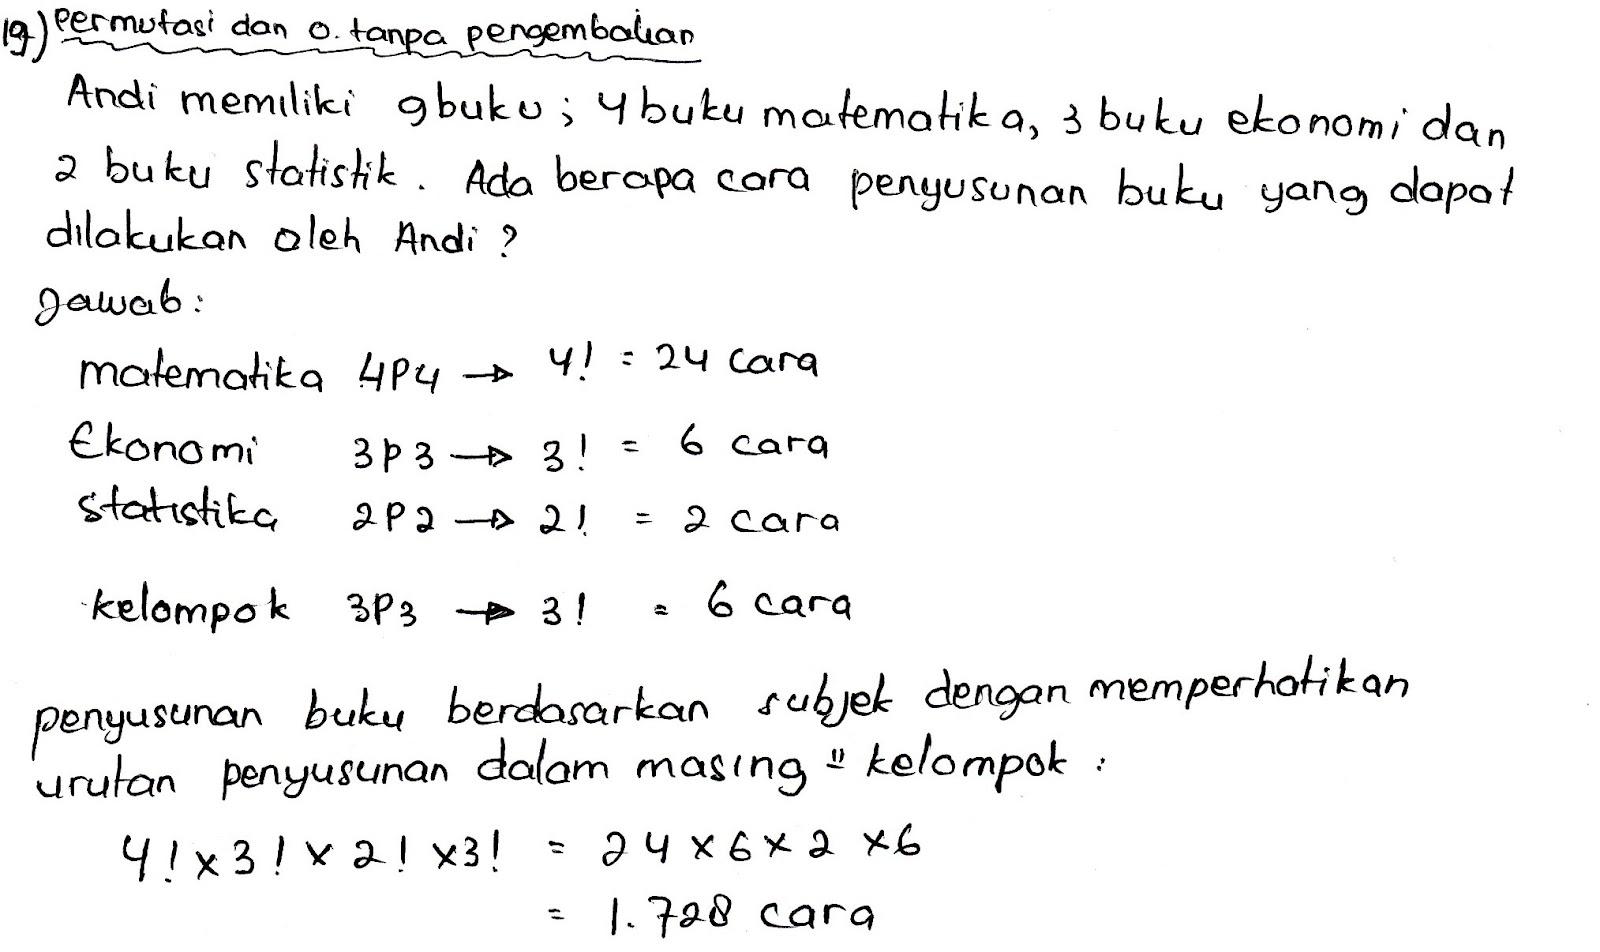 13/04/2013· by syaharuddin al musthafa on 4/13/2013 11:21:00 am in kumpulan kunci jawaban soal buku metode statistika karangan sudjana. Contoh Soal Dan Jawaban Statistik Ekonomi 2